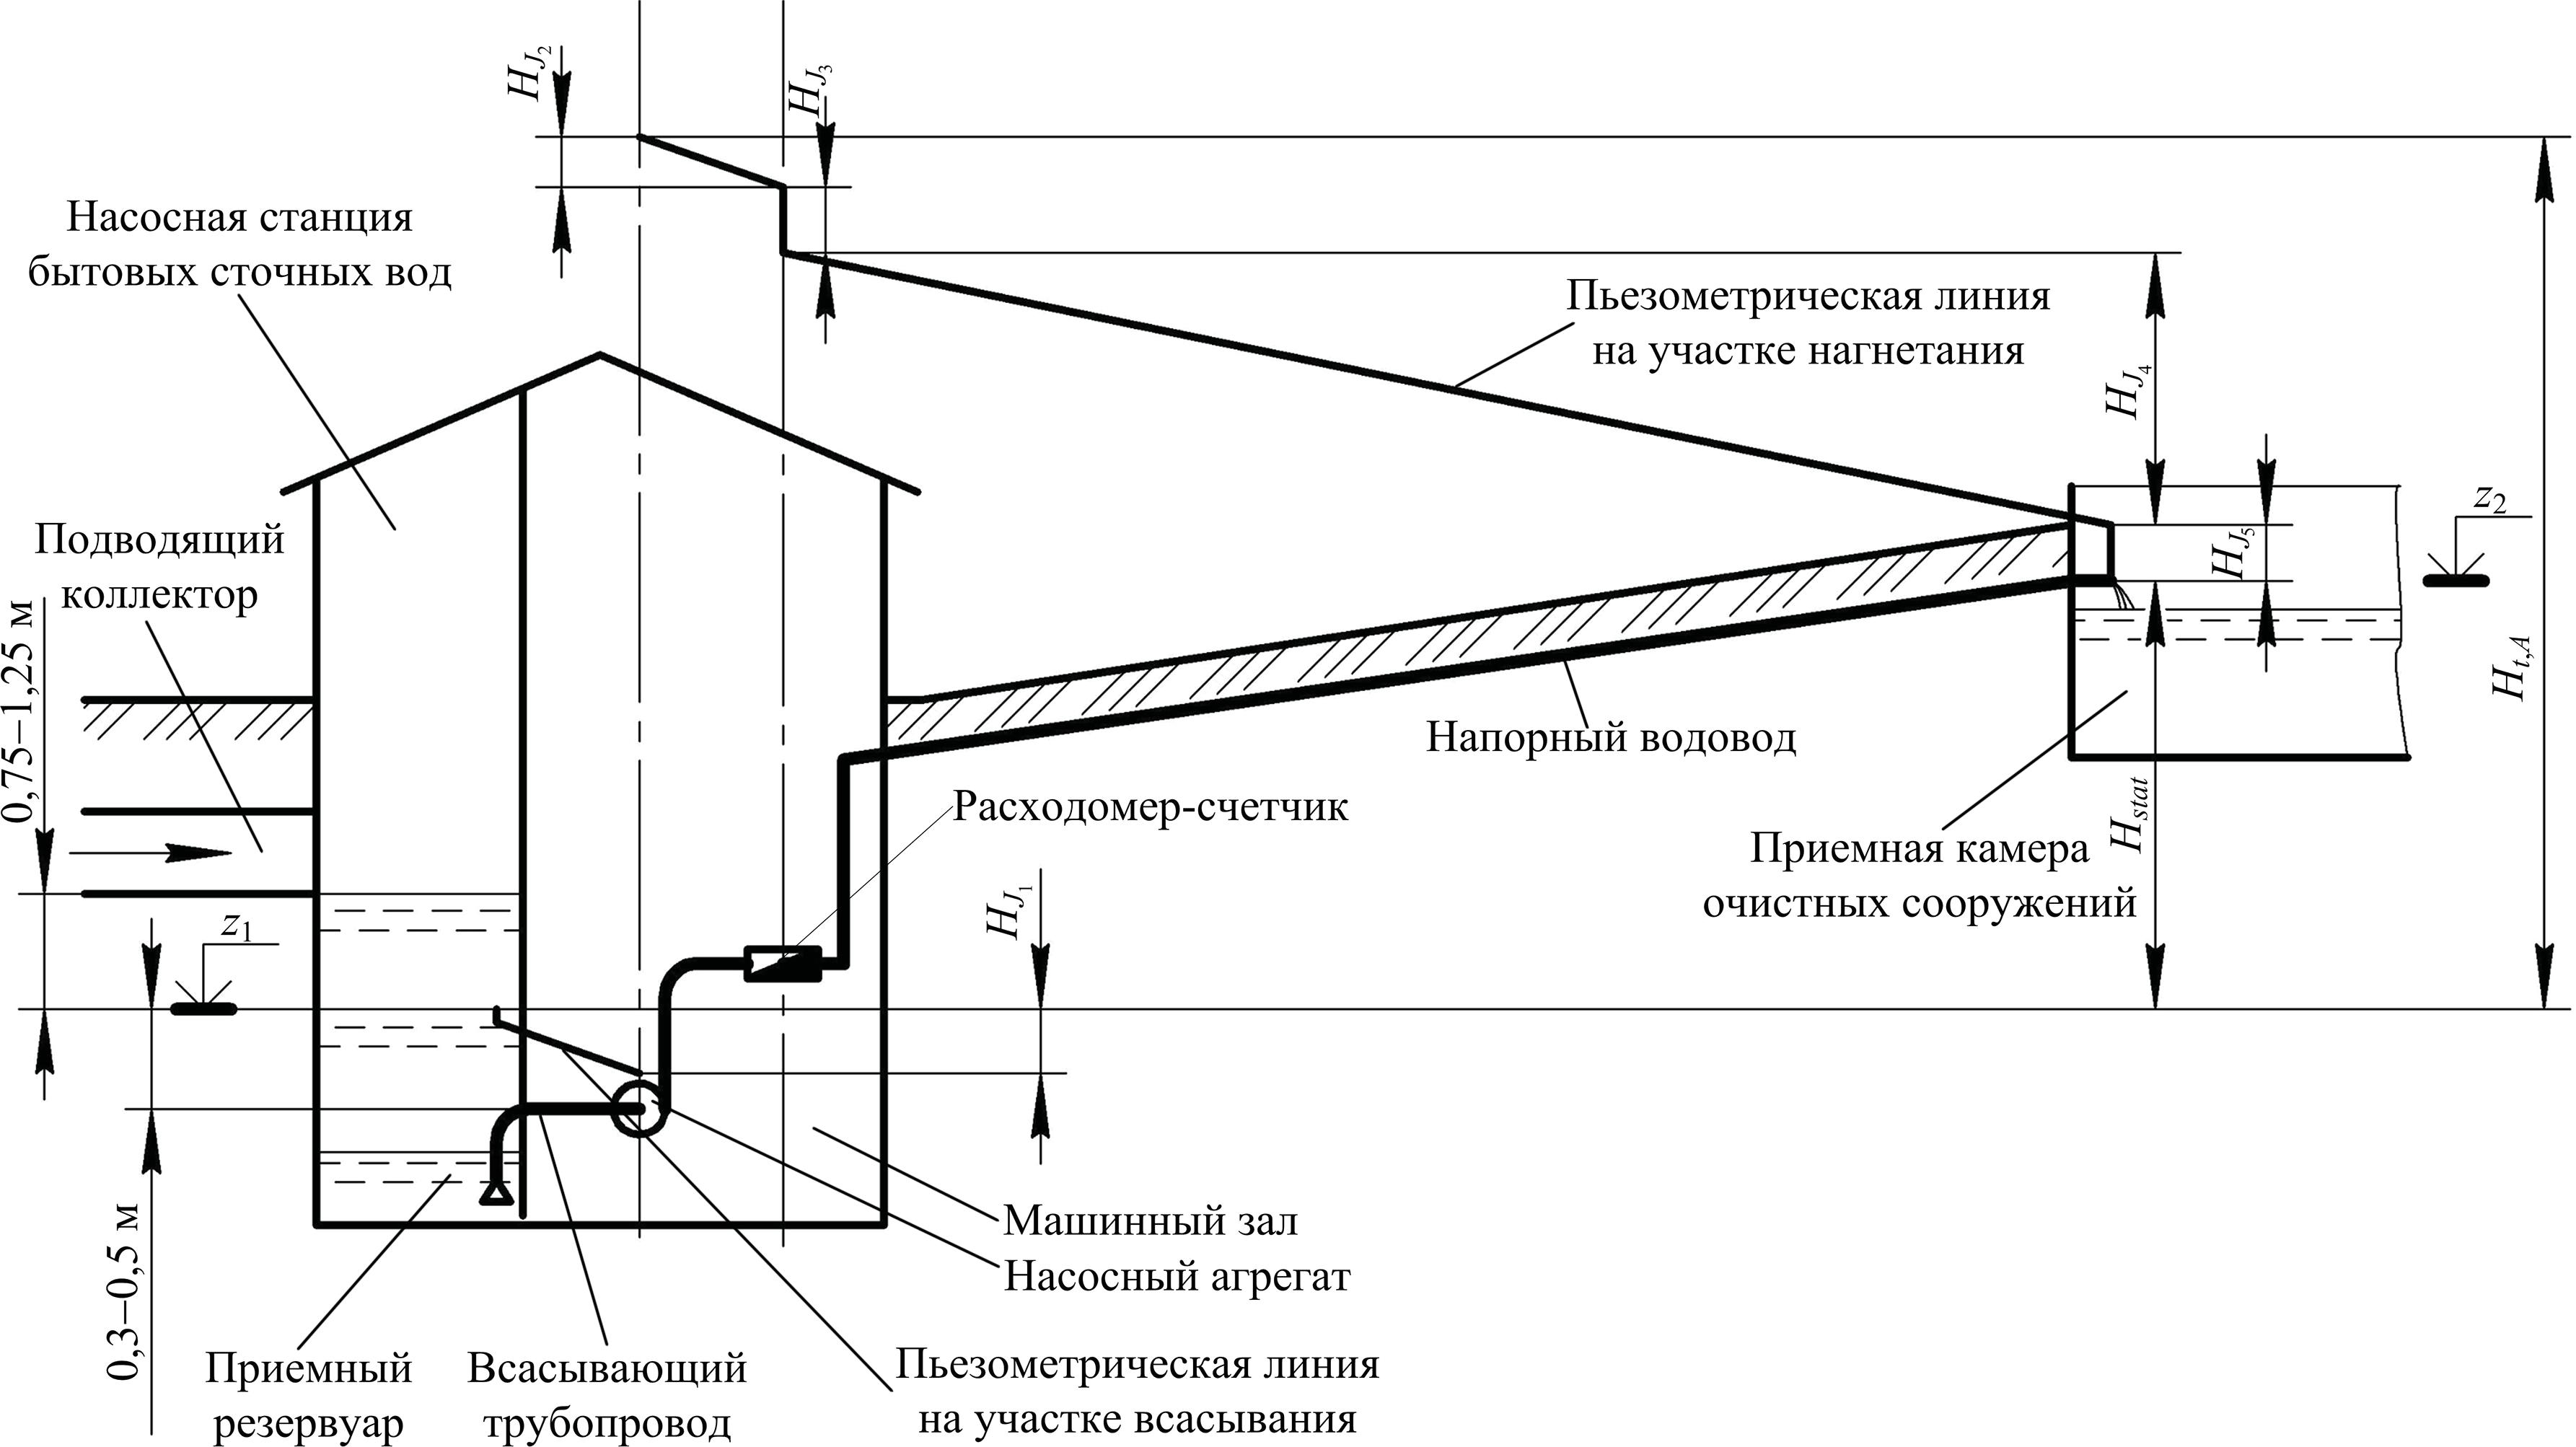 Высотная схема для определения полного напора насосной станции бытовых сточных вод